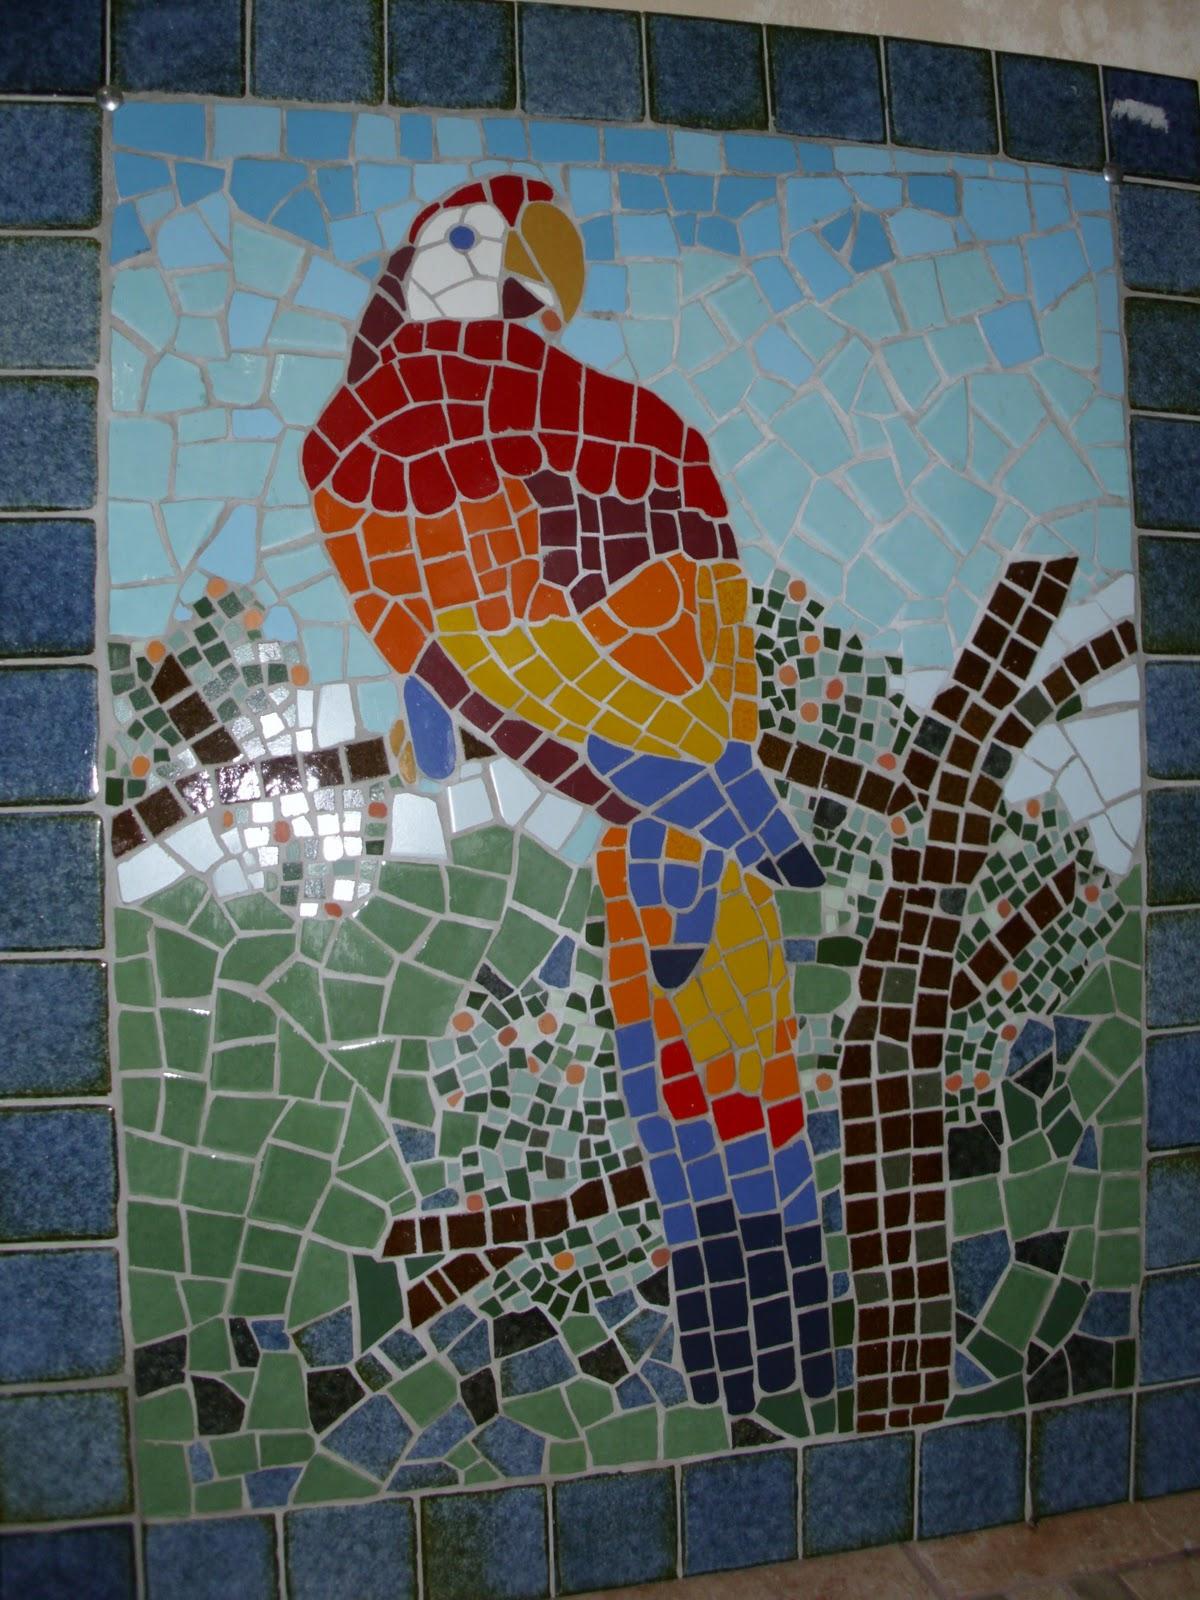 Telas tesselas mosaico com cer mica for Mosaico ceramica